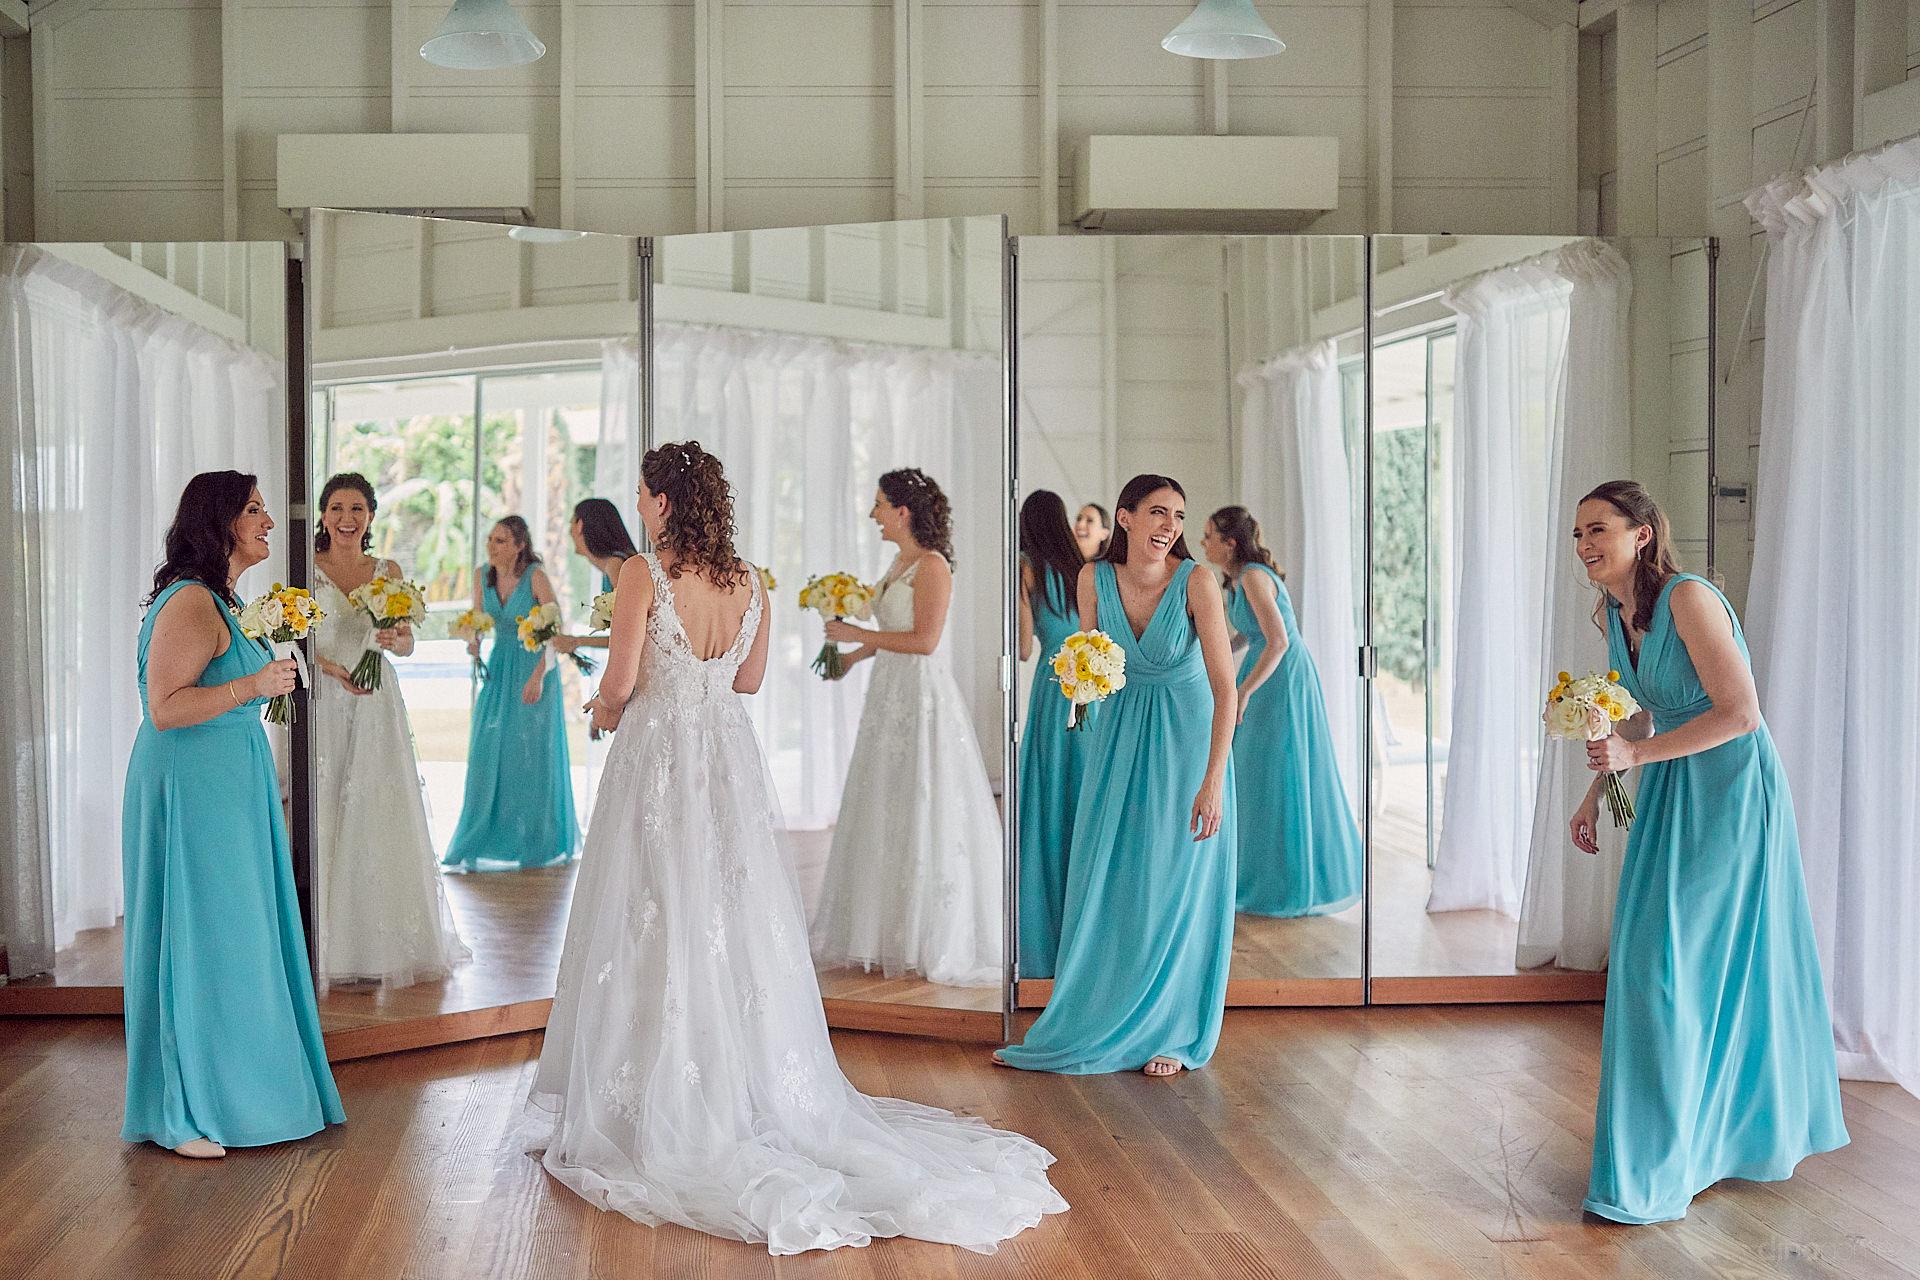 Creative Destination Wedding Photography In Mexico